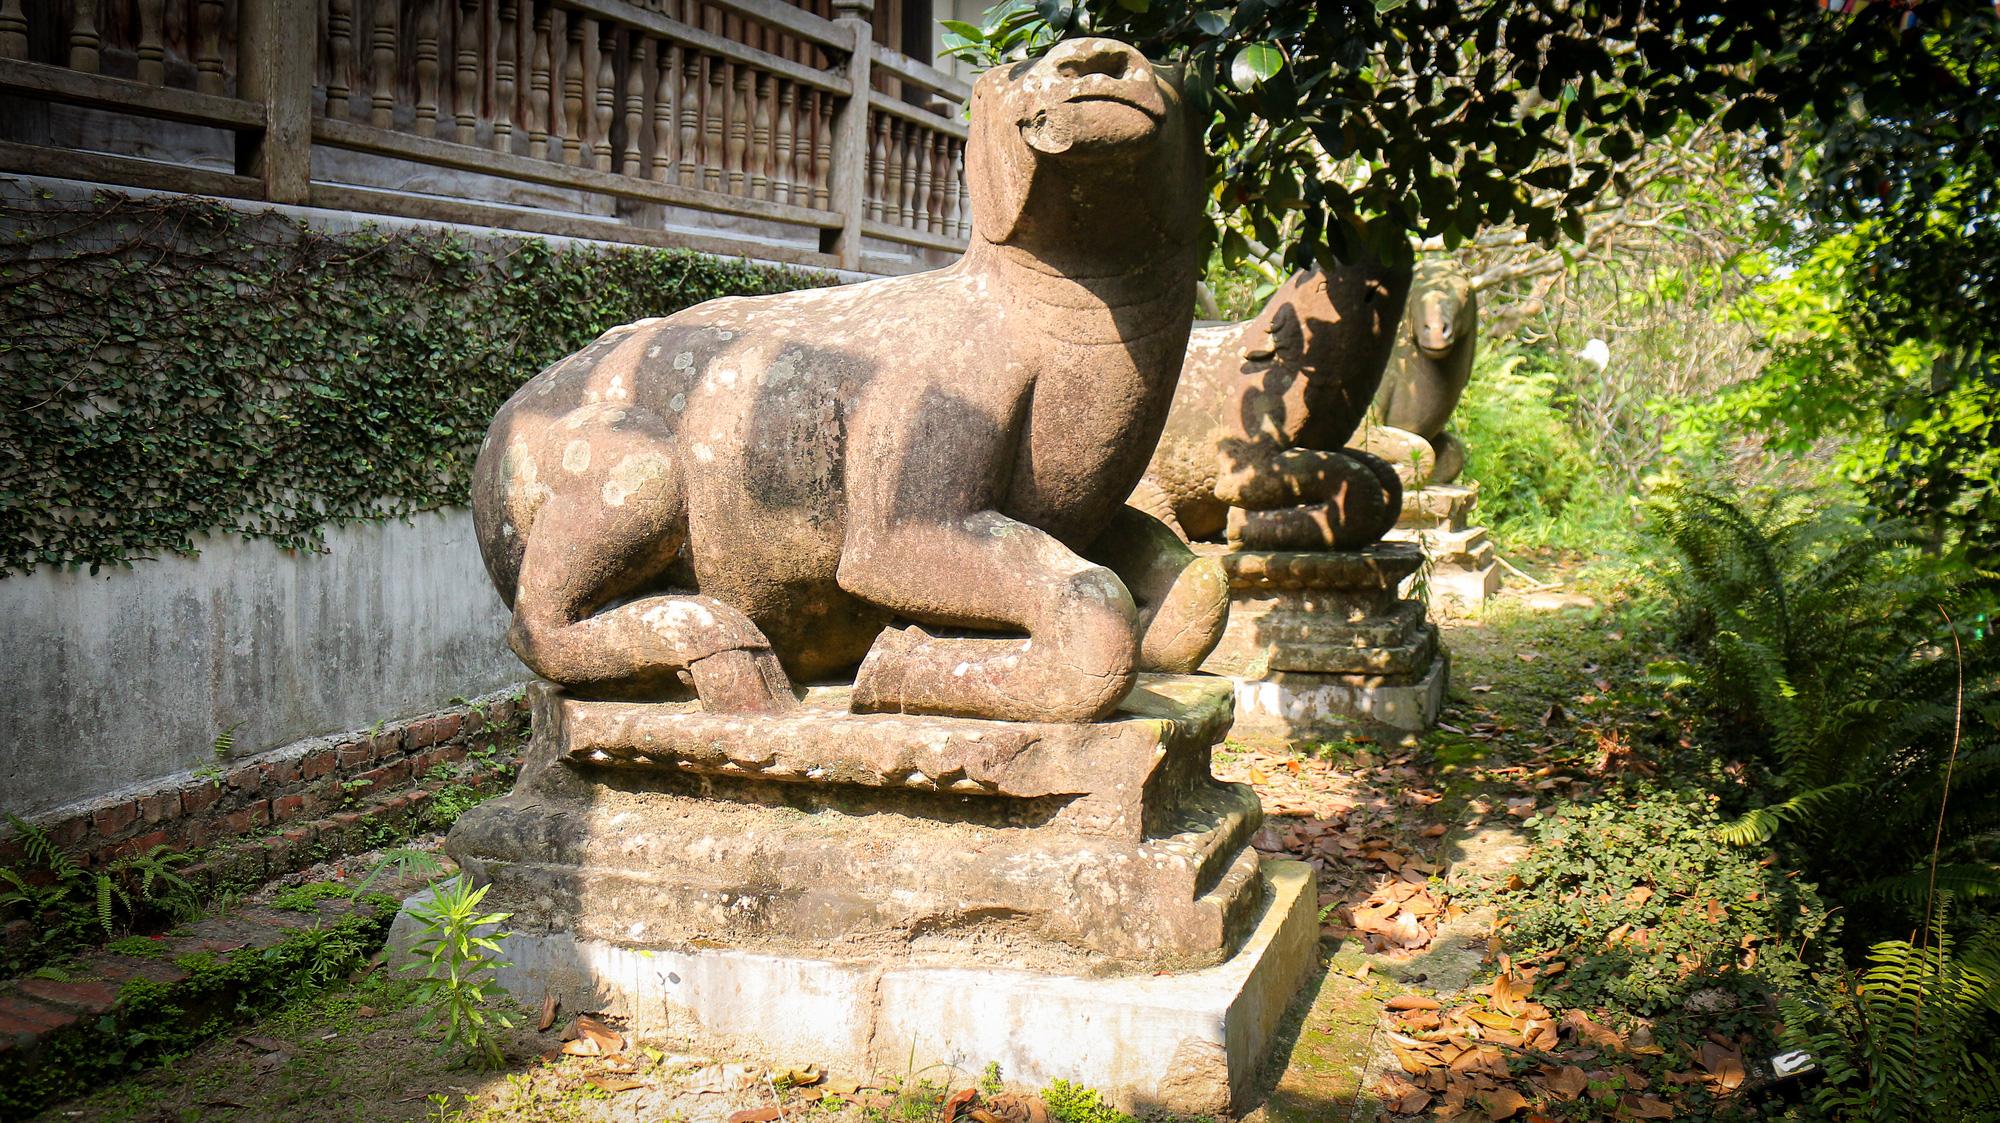 Bất ngờ ý nghĩa thực sự của bộ tượng linh thú nghìn tuổi ở chùa Phật Tích - Ảnh 4.